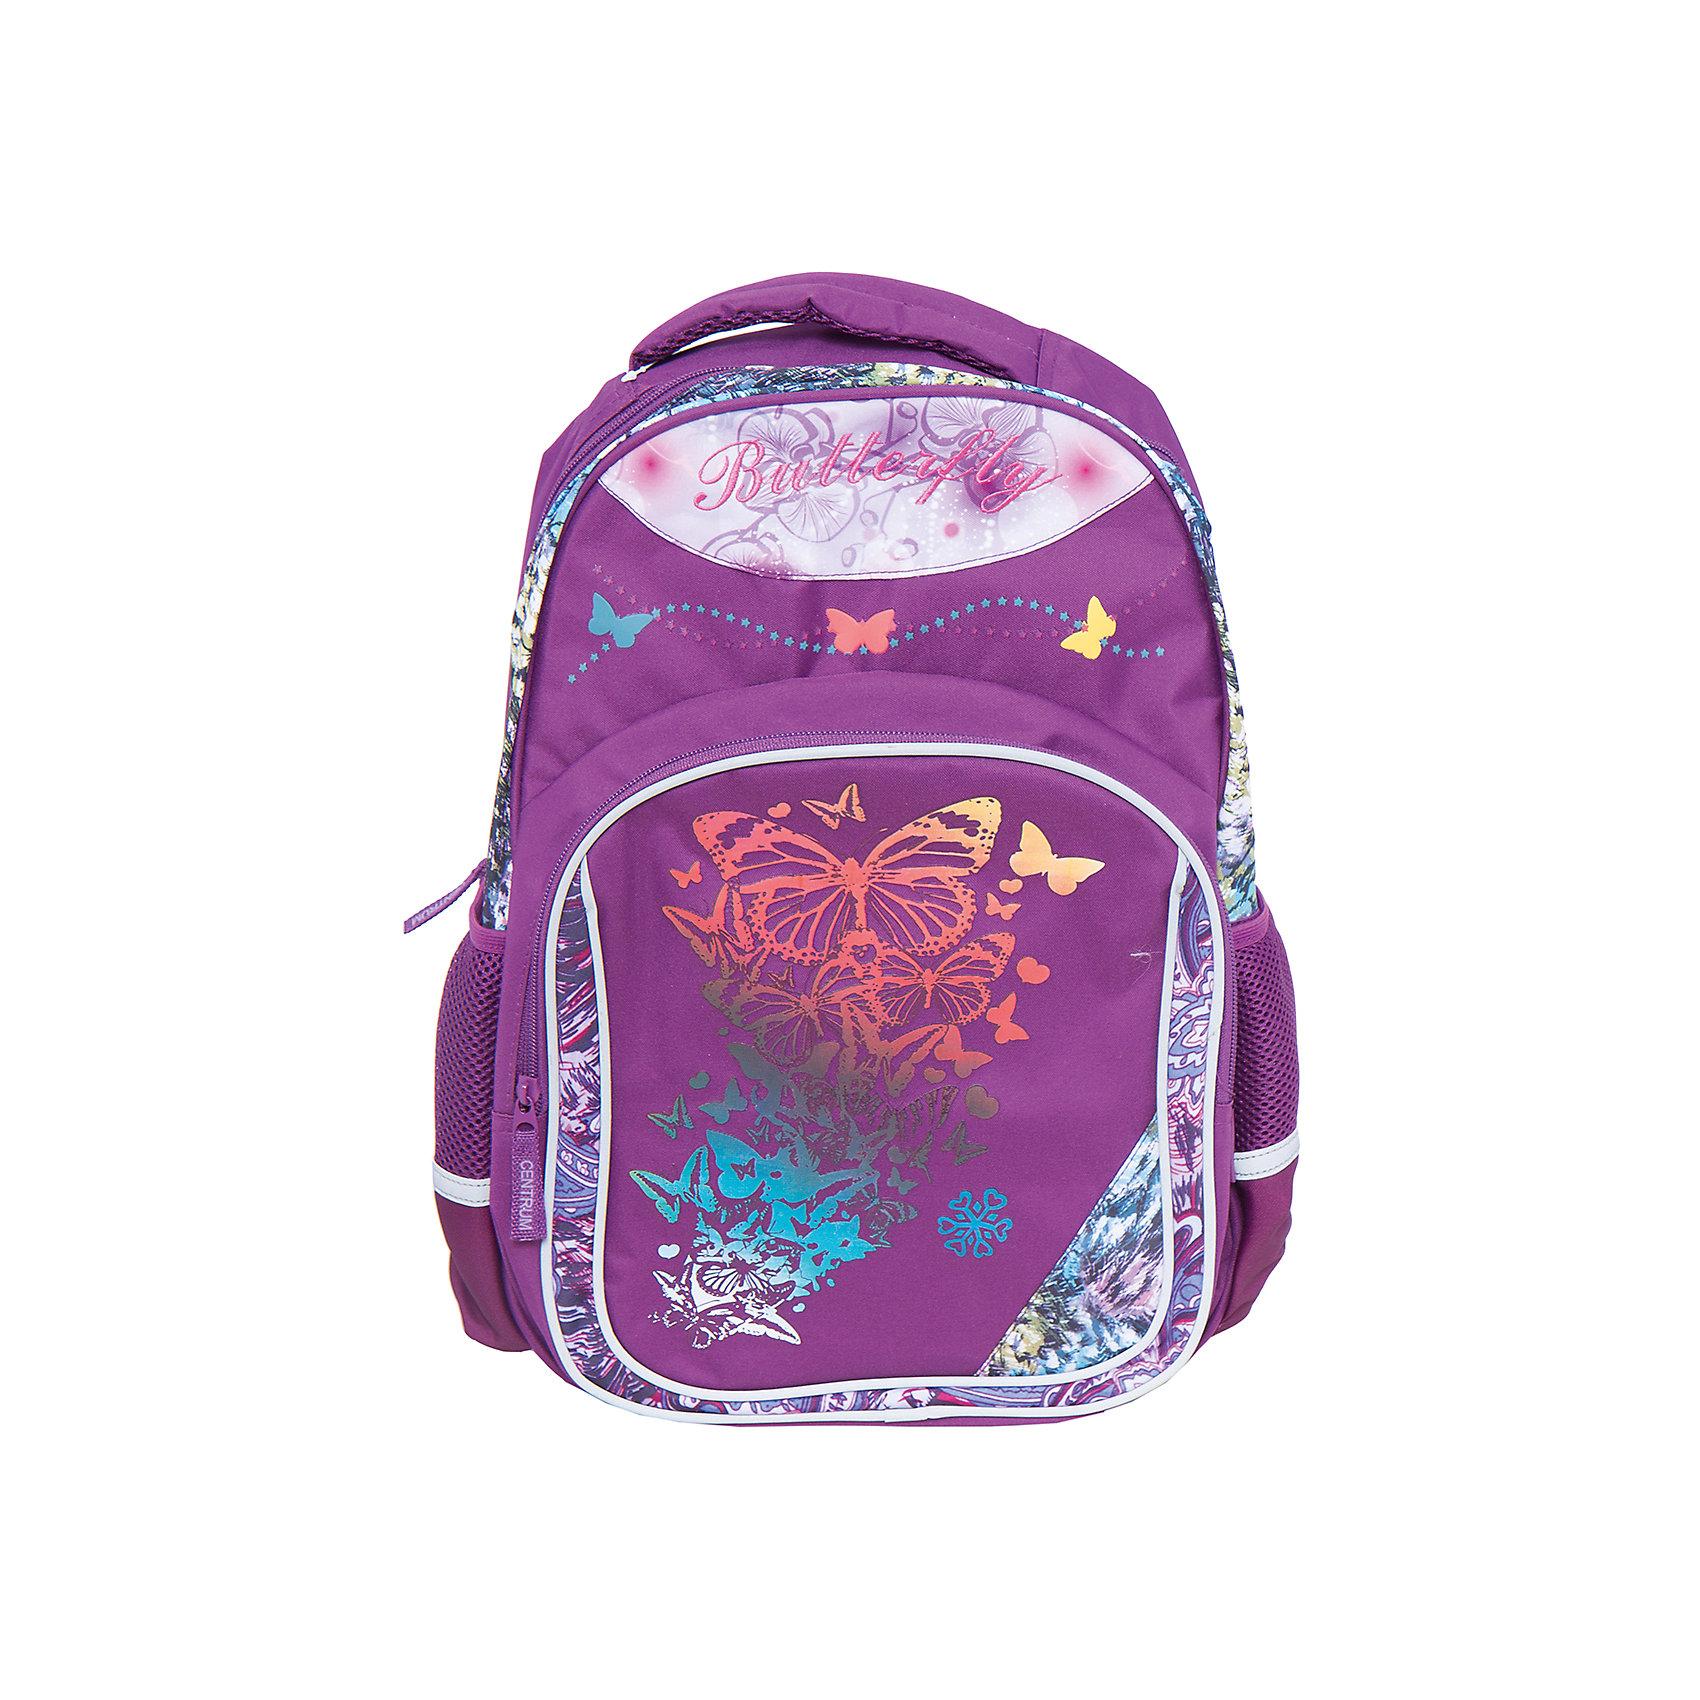 Школьный рюкзакРюкзаки<br>Школьный рюкзак, CENTRUM (Центрум) ? рюкзак отечественного бренда детской серии. Рюкзаки этой серии выполнены из непромокаемого и прочного полиэстера высокого качества, отличаются легким весом. <br>Внутреннее устройство рюкзака состоит из одного вместительного отсека. По бокам рюкзака имеются два сетчатых кармана. На передней стенке объемный карман на молнии. Эргономичность рюкзака обеспечивается уплотненной спинкой и широкими регулируемыми лямками. Для удобства переноса рюкзака в руках имеется  ручка-петля. На рюкзаке имеются светоотражающие элементы.<br>Рюкзак выполнен в ярком сливовом дизайне: на передней стенке имеется принт с порхающими разноцветными бабочками.<br>Школьный рюкзак, CENTRUM (Центрум) ? это многофункциональность, качество и удобство использования. <br><br>Дополнительная информация:<br><br>- Вес: 425 г<br>- Габариты (Д*Г*В): 14*29,5*40,5 см<br>- Цвет: сливовый, голубой, красный <br>- Материал: полиэстер<br>- Сезон: круглый год<br>- Коллекция: детская<br>- Пол: женский<br>- Предназначение: для школы, для занятий спортом, для путешествий <br>- Особенности ухода: можно чистить влажной щеткой или губкой<br><br>Подробнее:<br><br>• Для детей в возрасте: от 3 лет и до 10 лет<br>• Страна производитель: Китай<br>• Торговый бренд: CENTRUM<br><br>Школьный рюкзак, CENTRUM (Центрум) можно купить в нашем интернет-магазине.<br><br>Ширина мм: 140<br>Глубина мм: 295<br>Высота мм: 405<br>Вес г: 570<br>Возраст от месяцев: 72<br>Возраст до месяцев: 120<br>Пол: Мужской<br>Возраст: Детский<br>SKU: 4865228